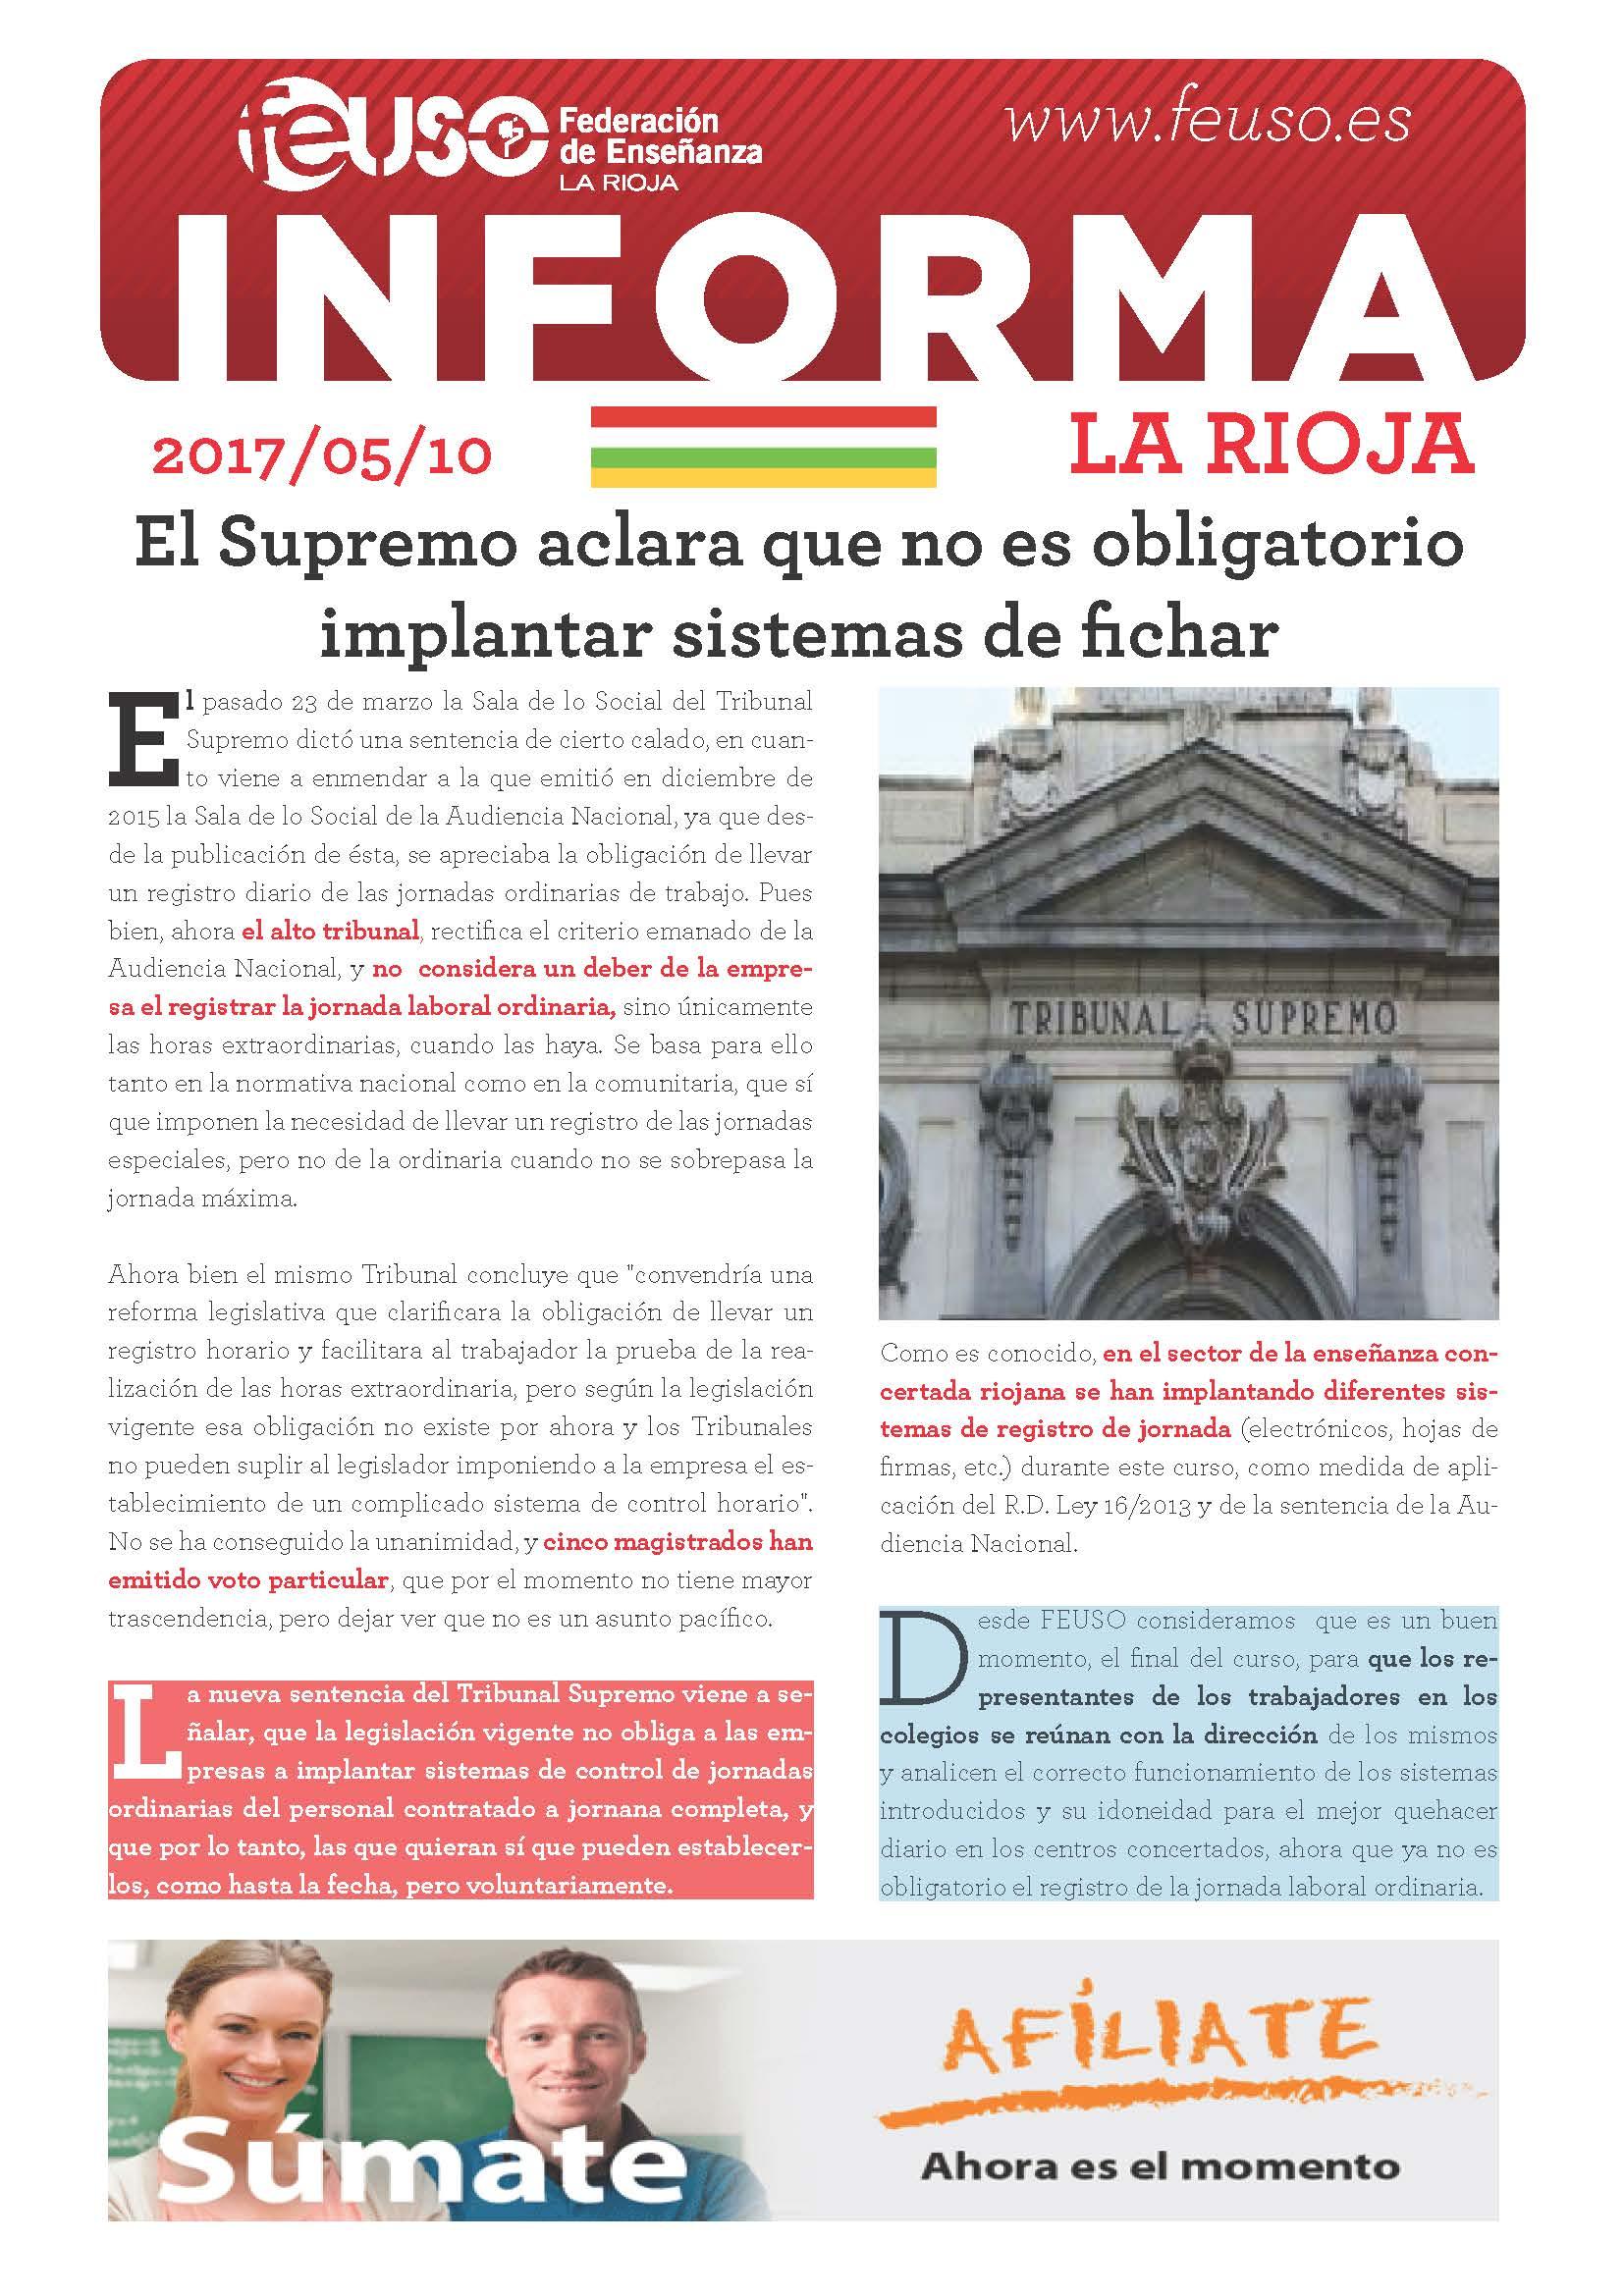 FEUSO INFORMA LA RIOJA 20170510 SISTEMAS DE FICHAR ST TS